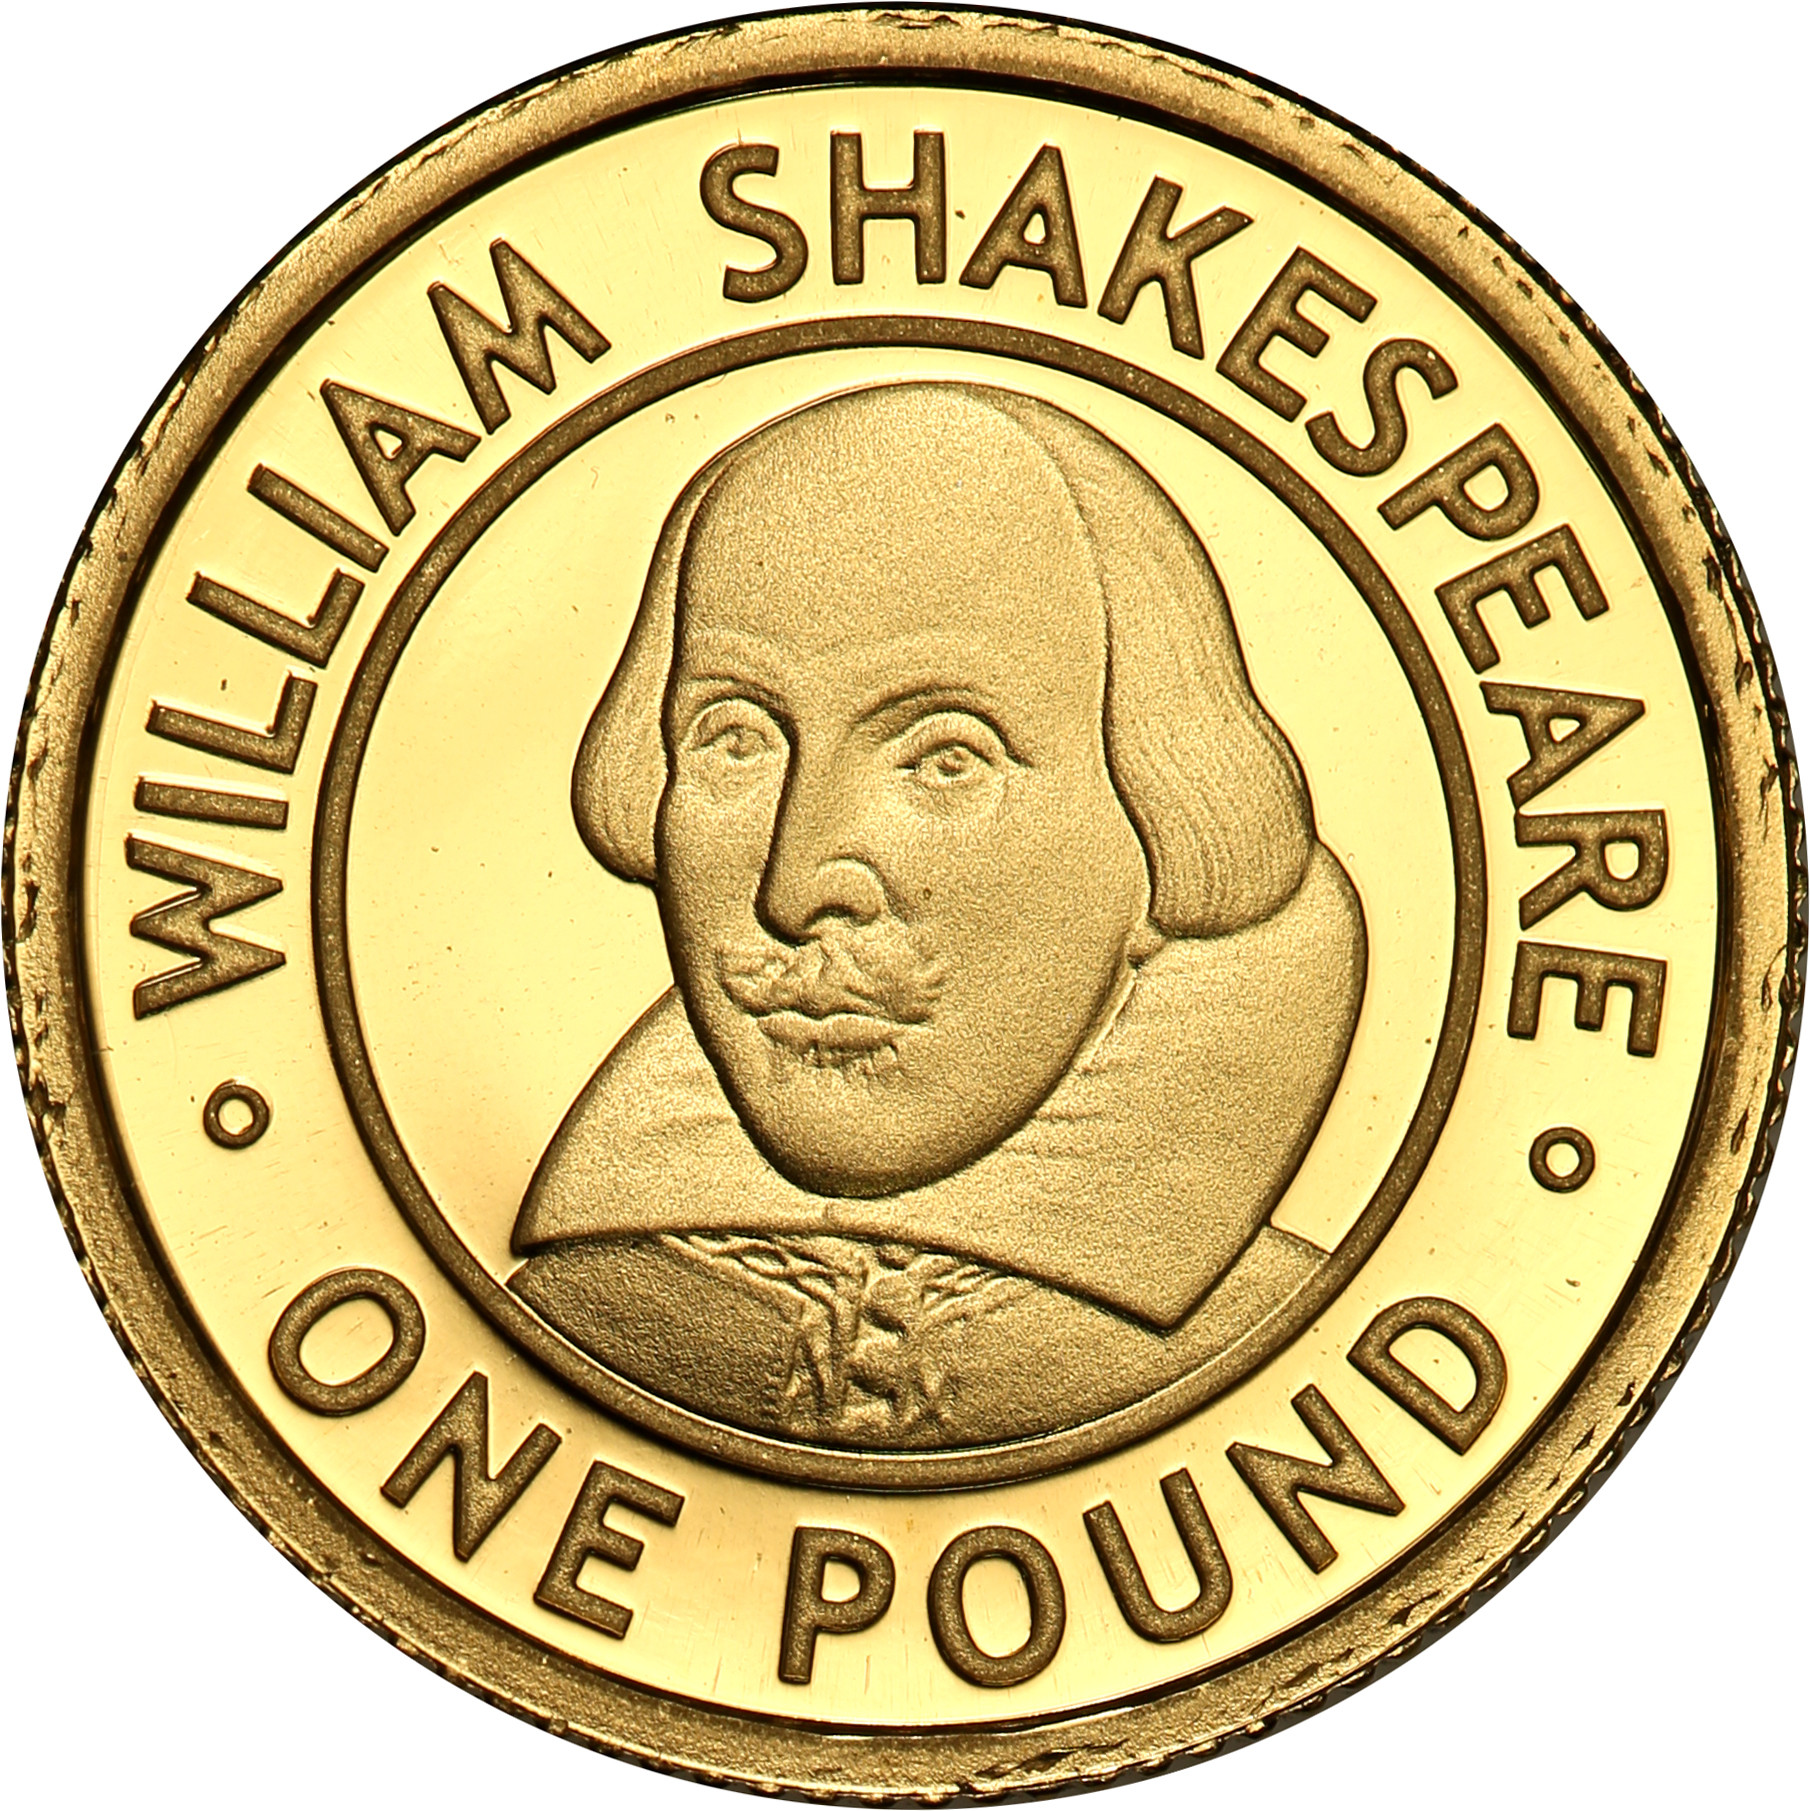 Alderney. 1 funt 2006 William Shakespeare st.L